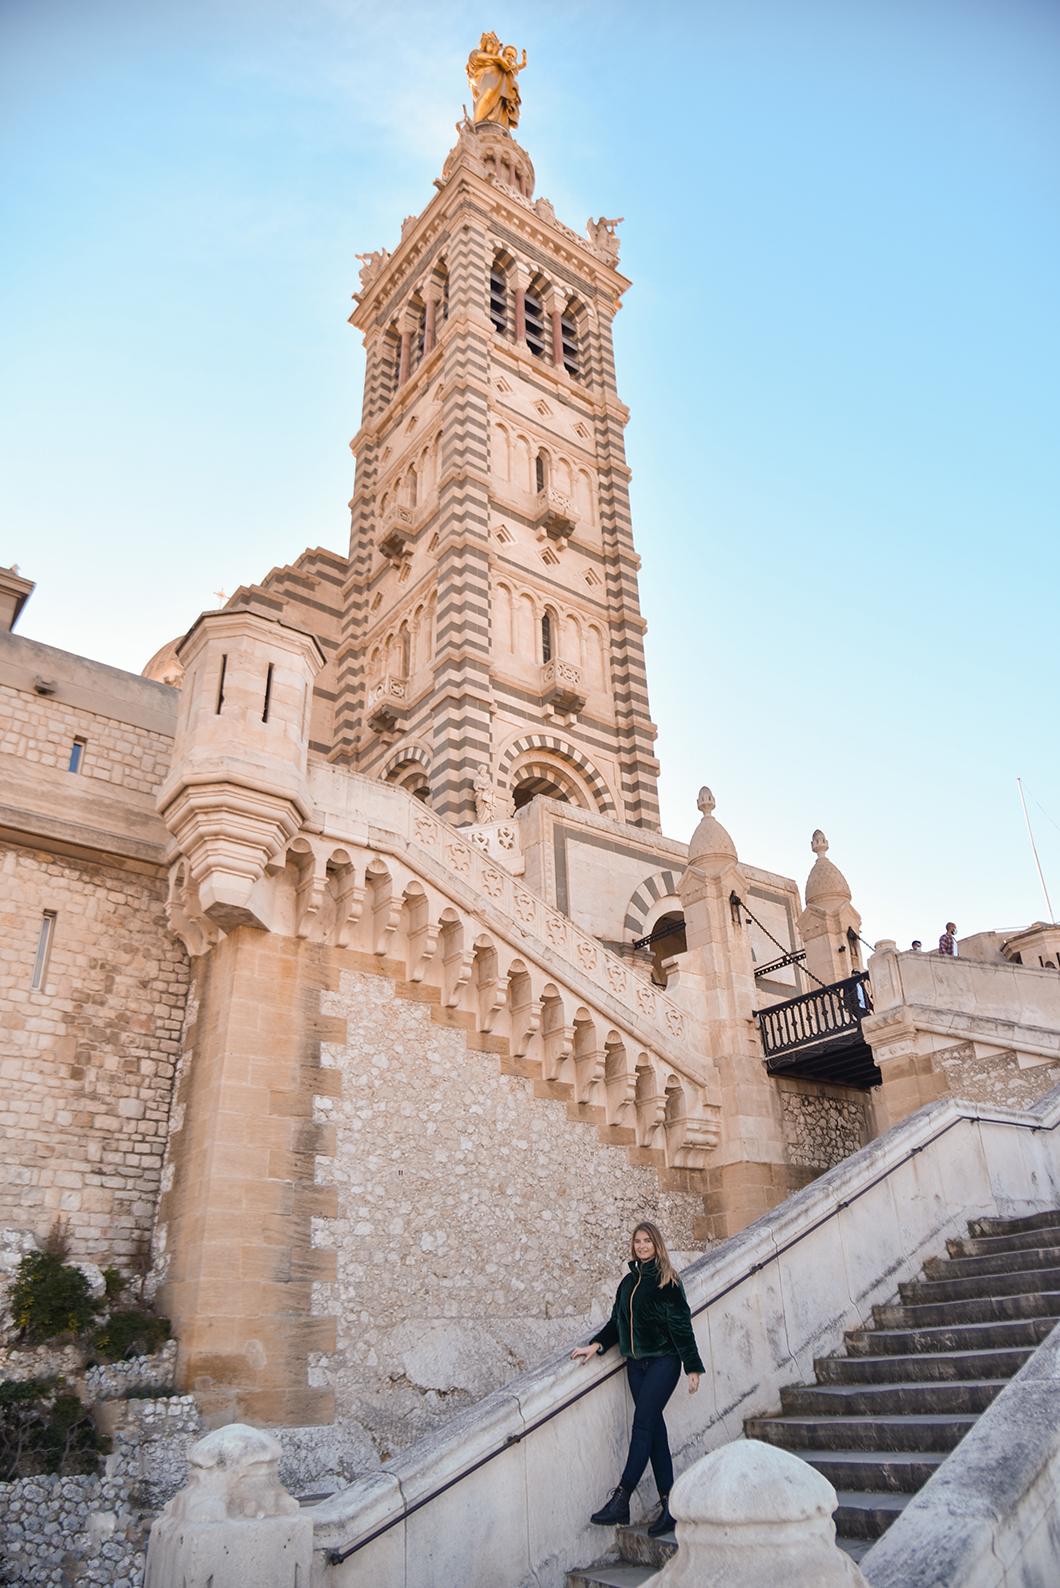 Visites incontournables à Marseille, Basilique Notre-Dame de Garde